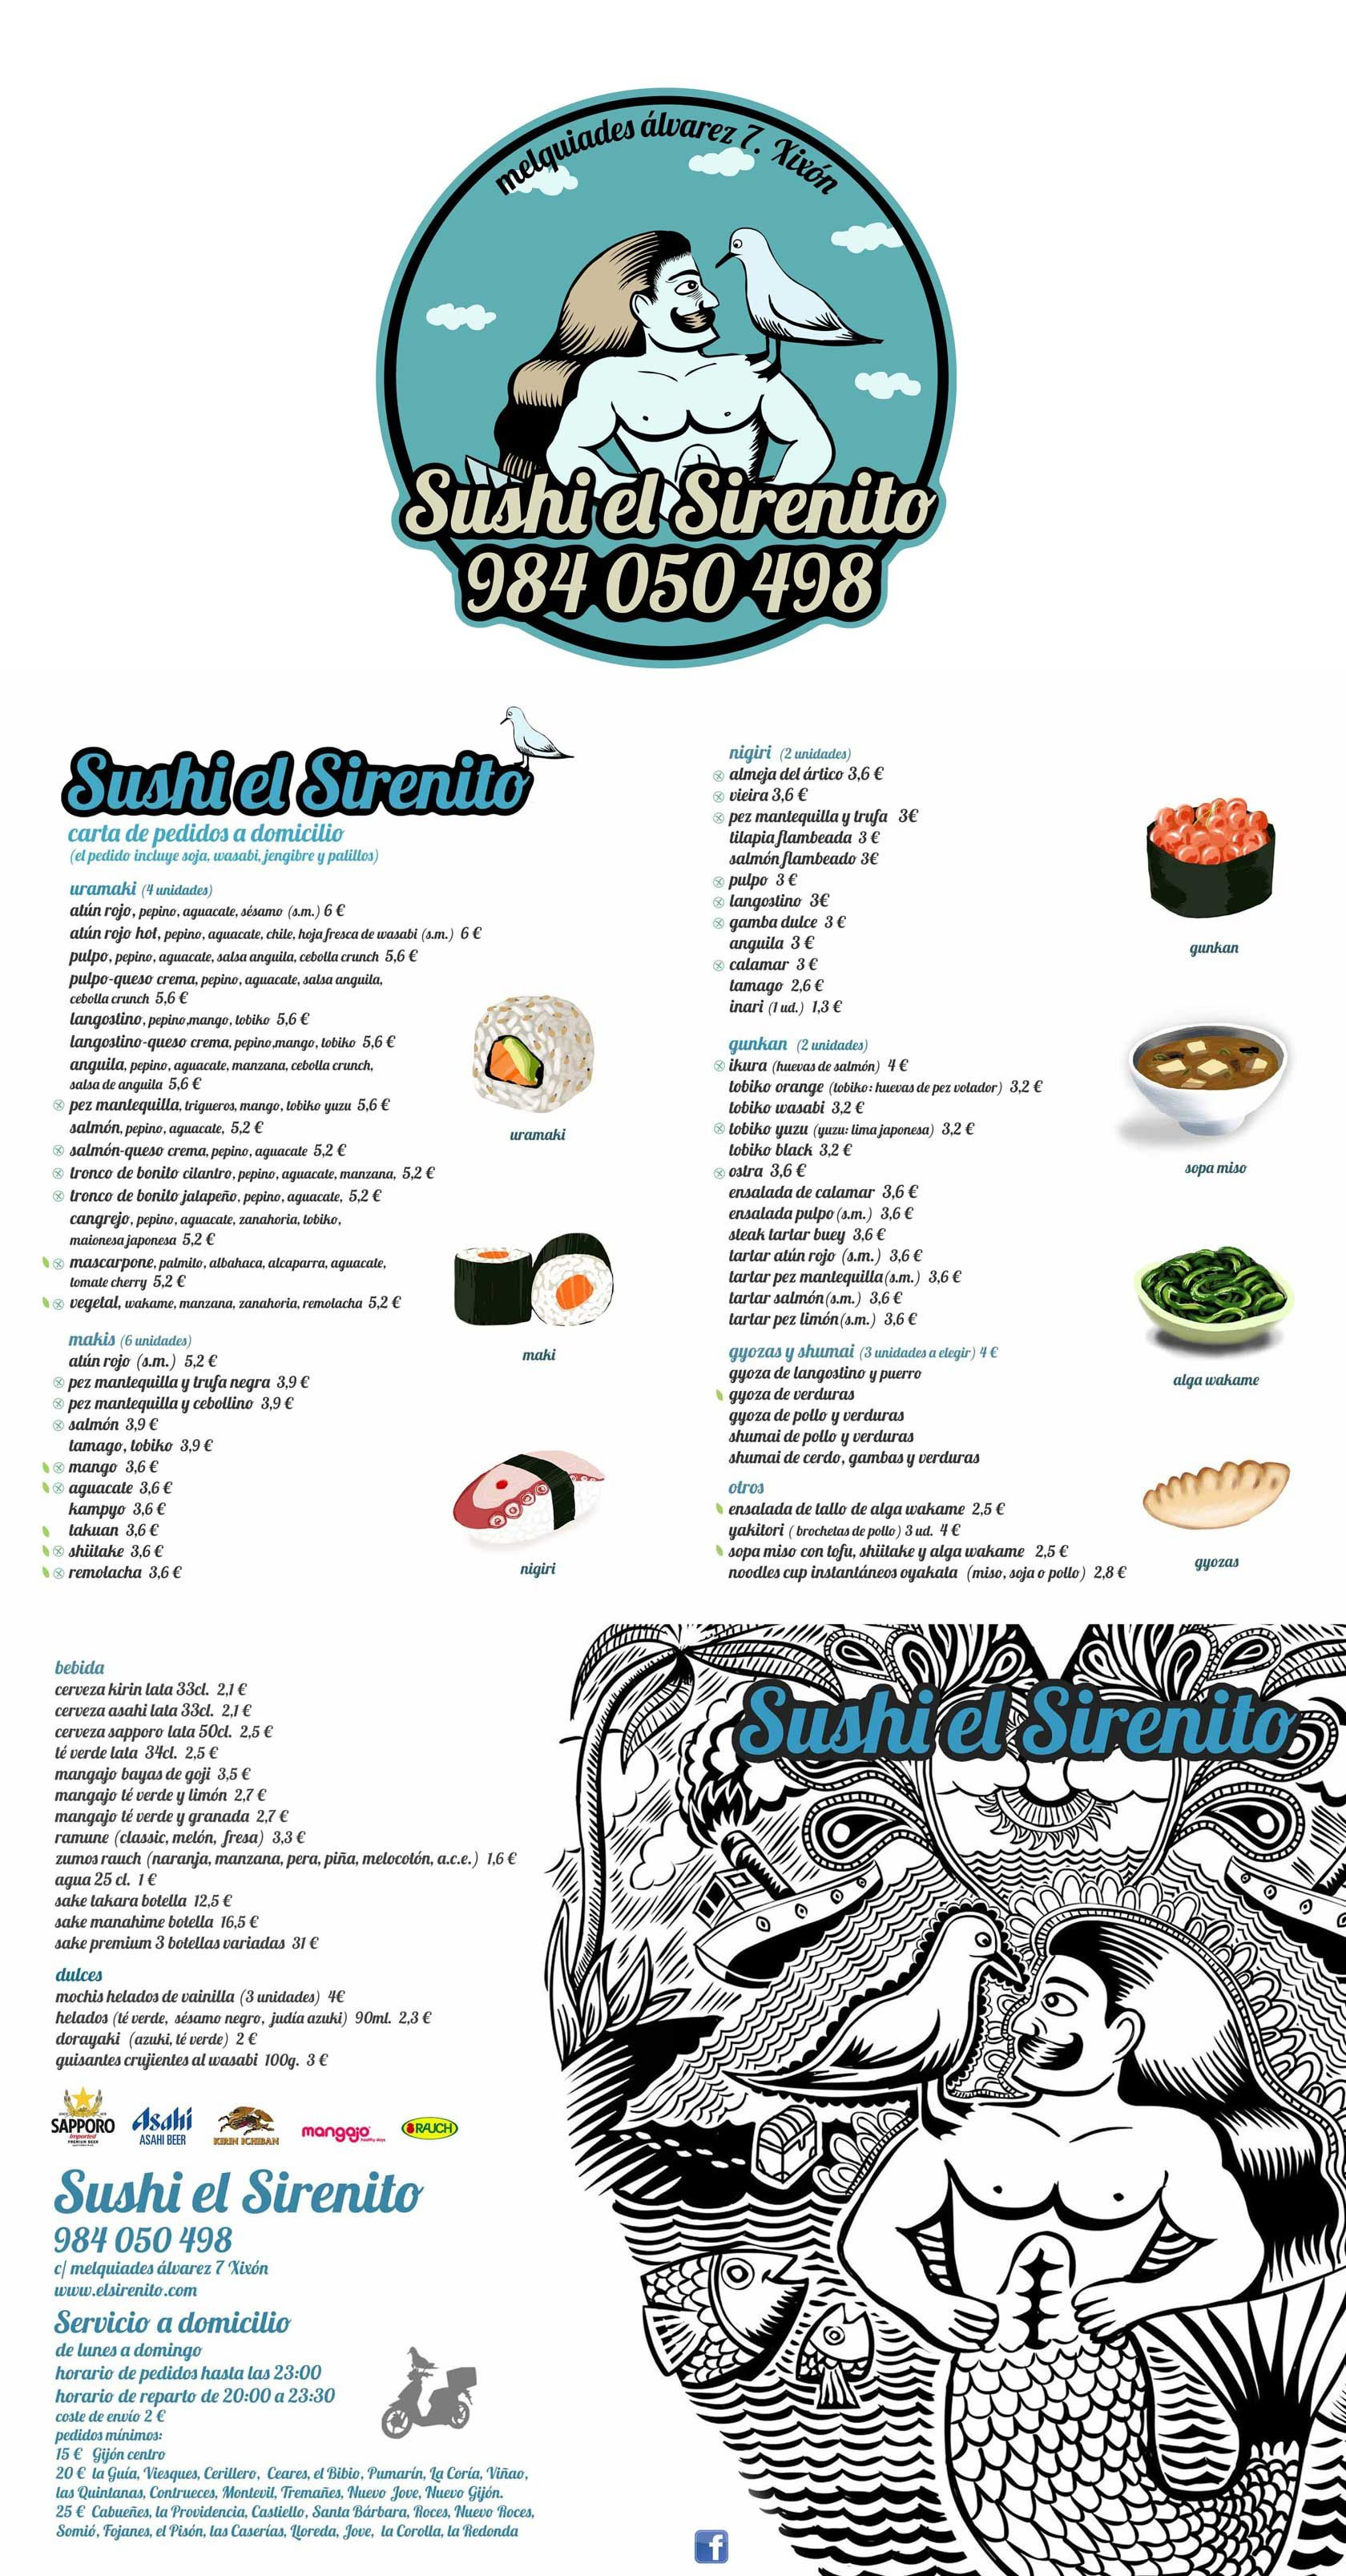 Sushi El Sirenito Comida A Domicilio En Gijon Comida A